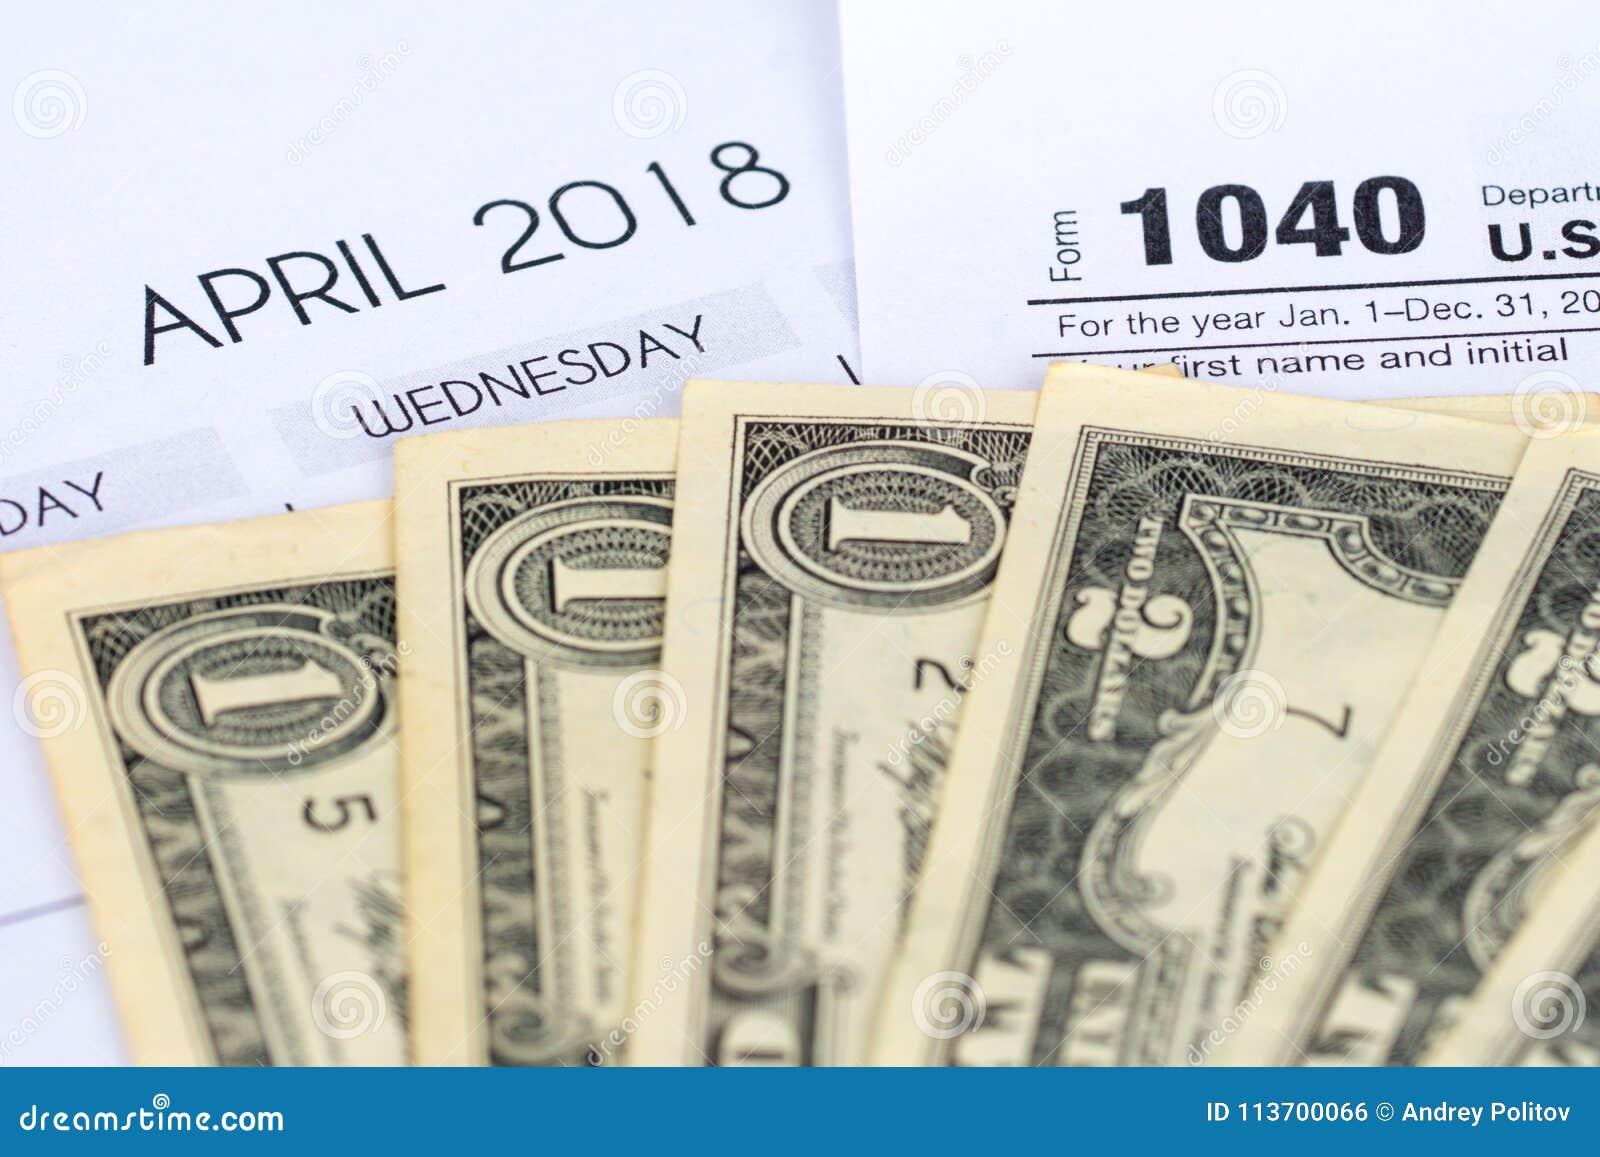 Feuille d impôt 1040, avril 2018 calendrier, dollars